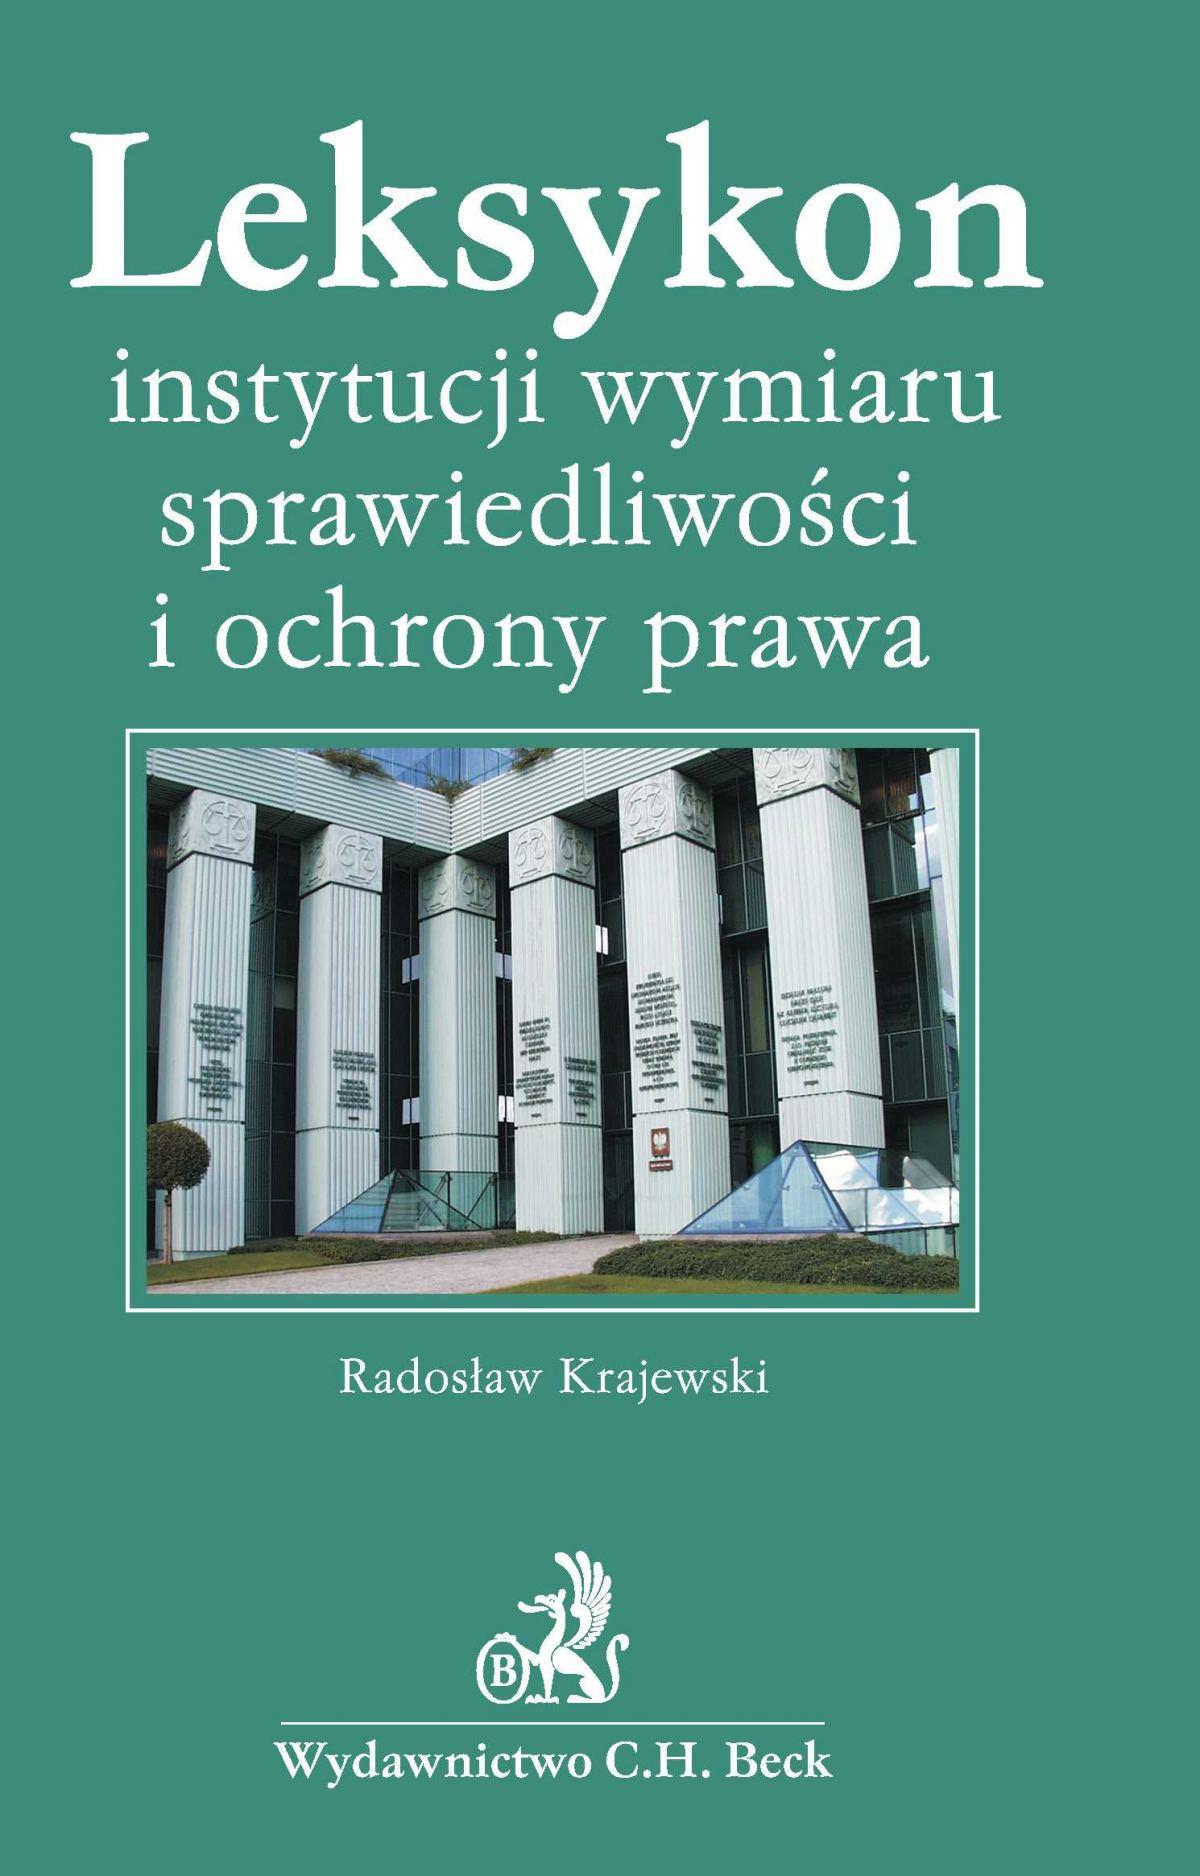 Leksykon instytucji wymiaru sprawiedliwości i ochrony prawa - Ebook (Książka PDF) do pobrania w formacie PDF